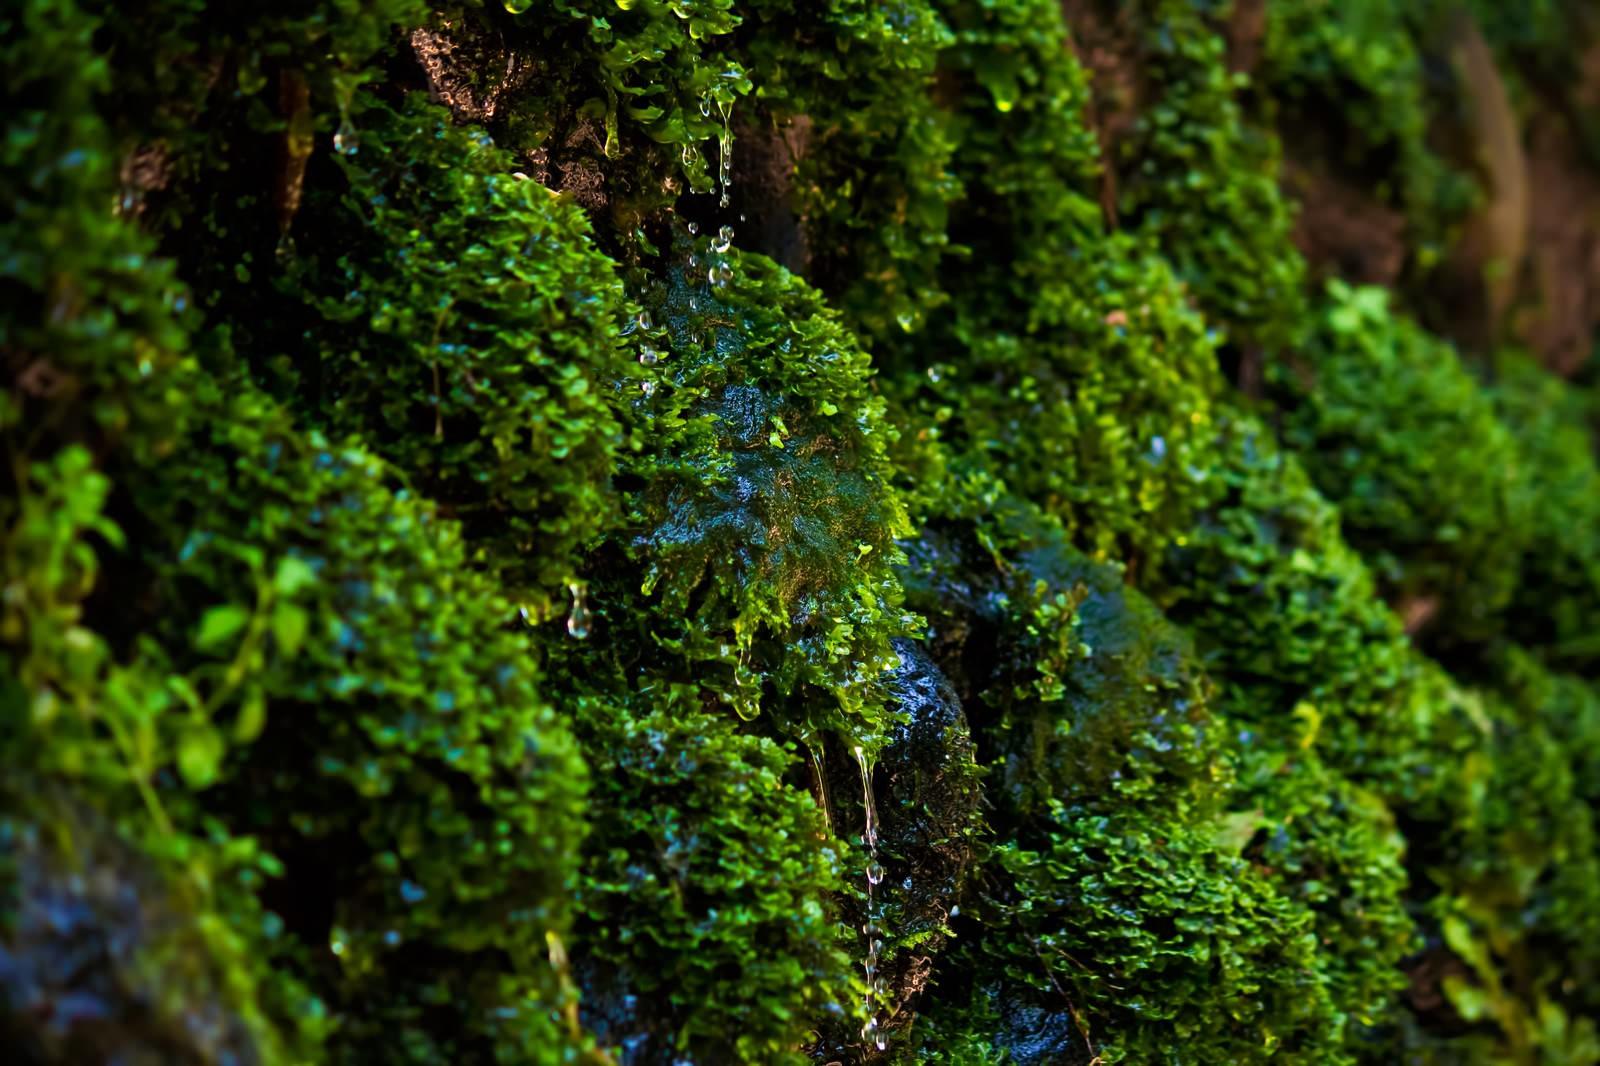 「藻から滴る湧水」の写真